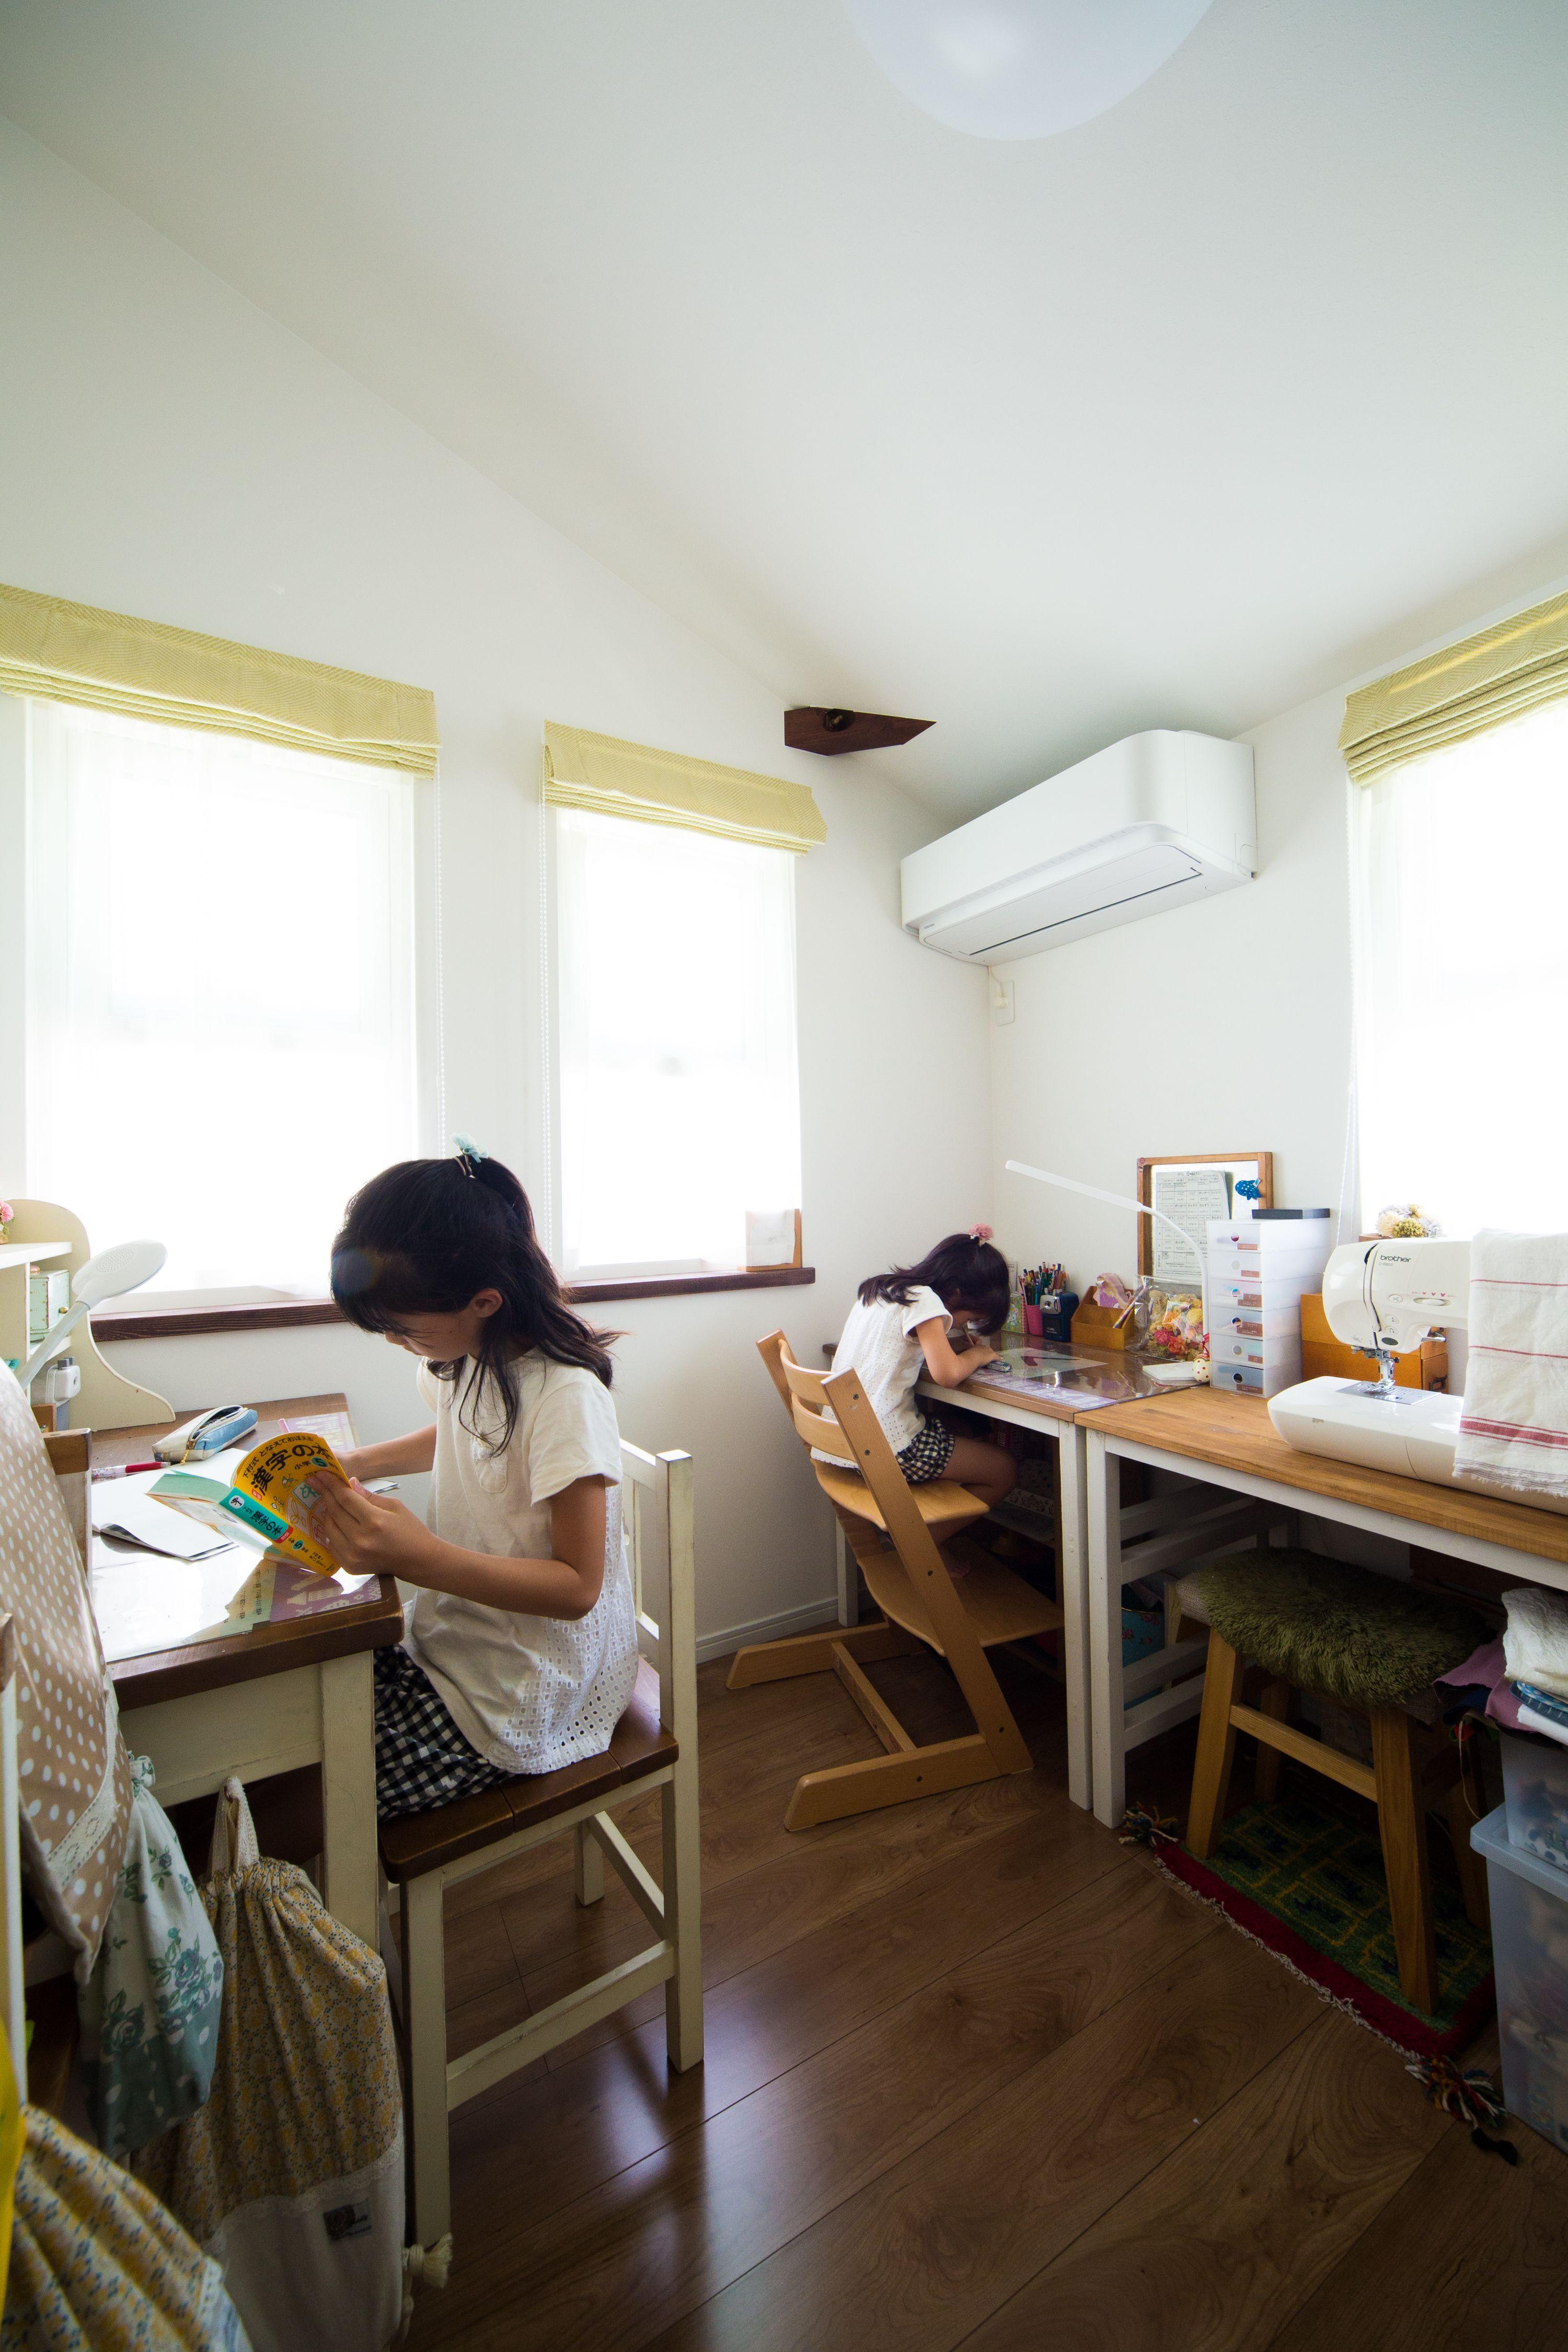 遊ぶ部屋とは別に勉強部屋を設けました 勉強も集中できますね